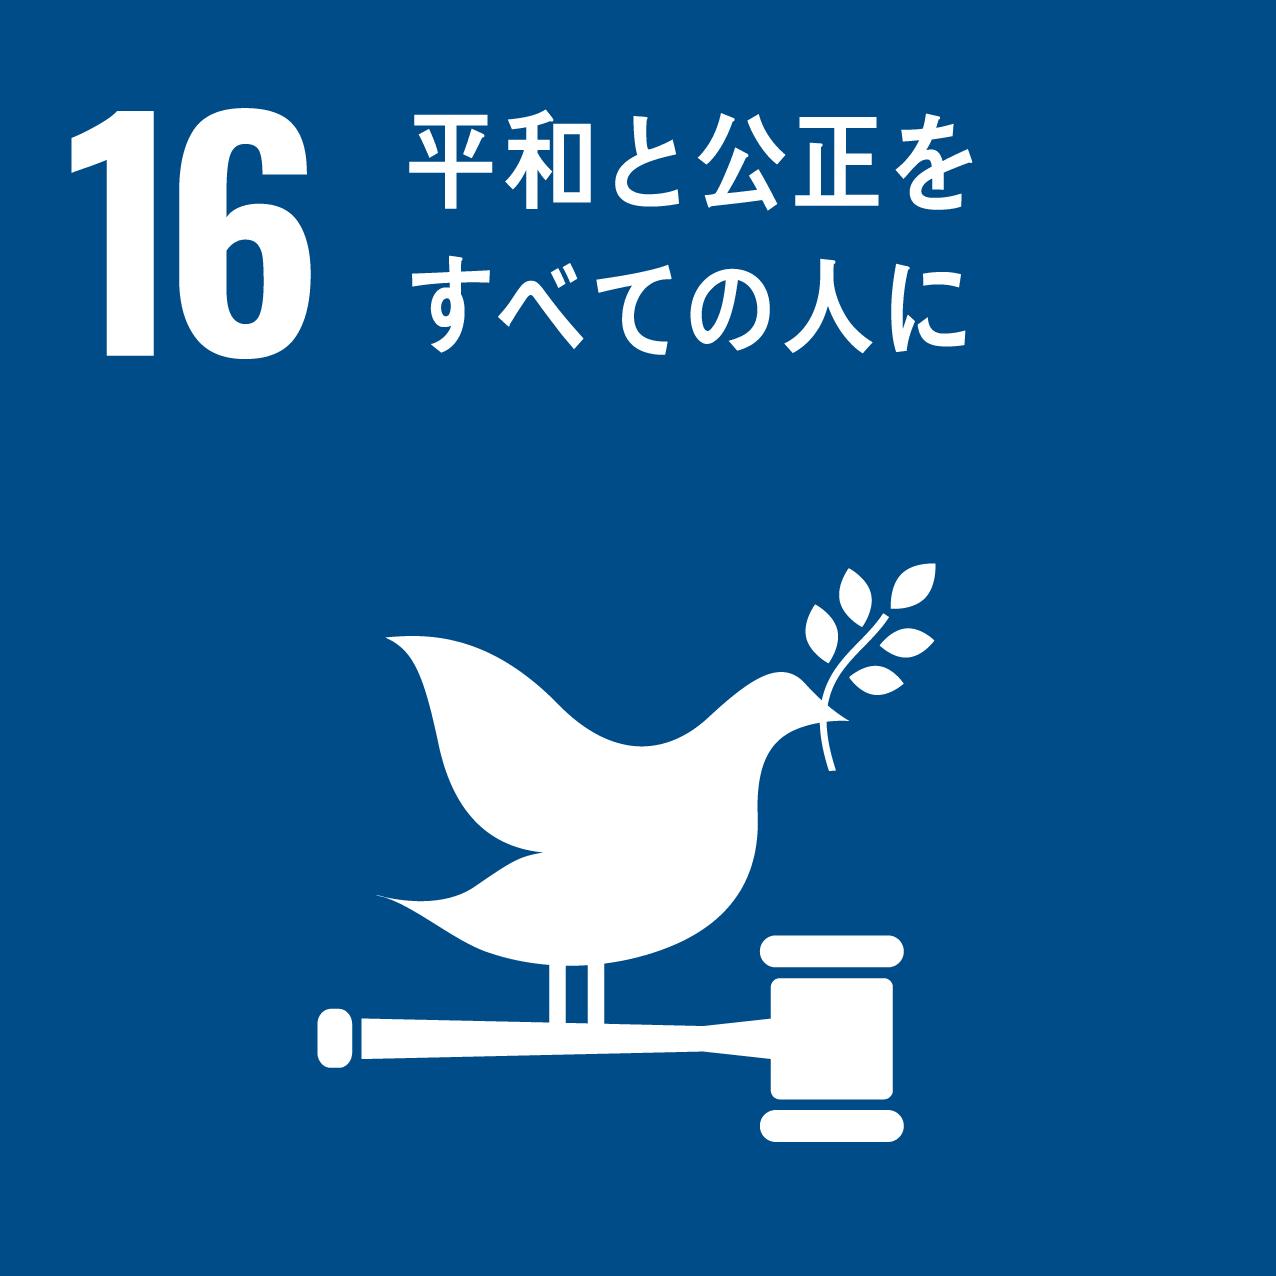 SDGs目標アイコン 16.平和と公正をすべての人に